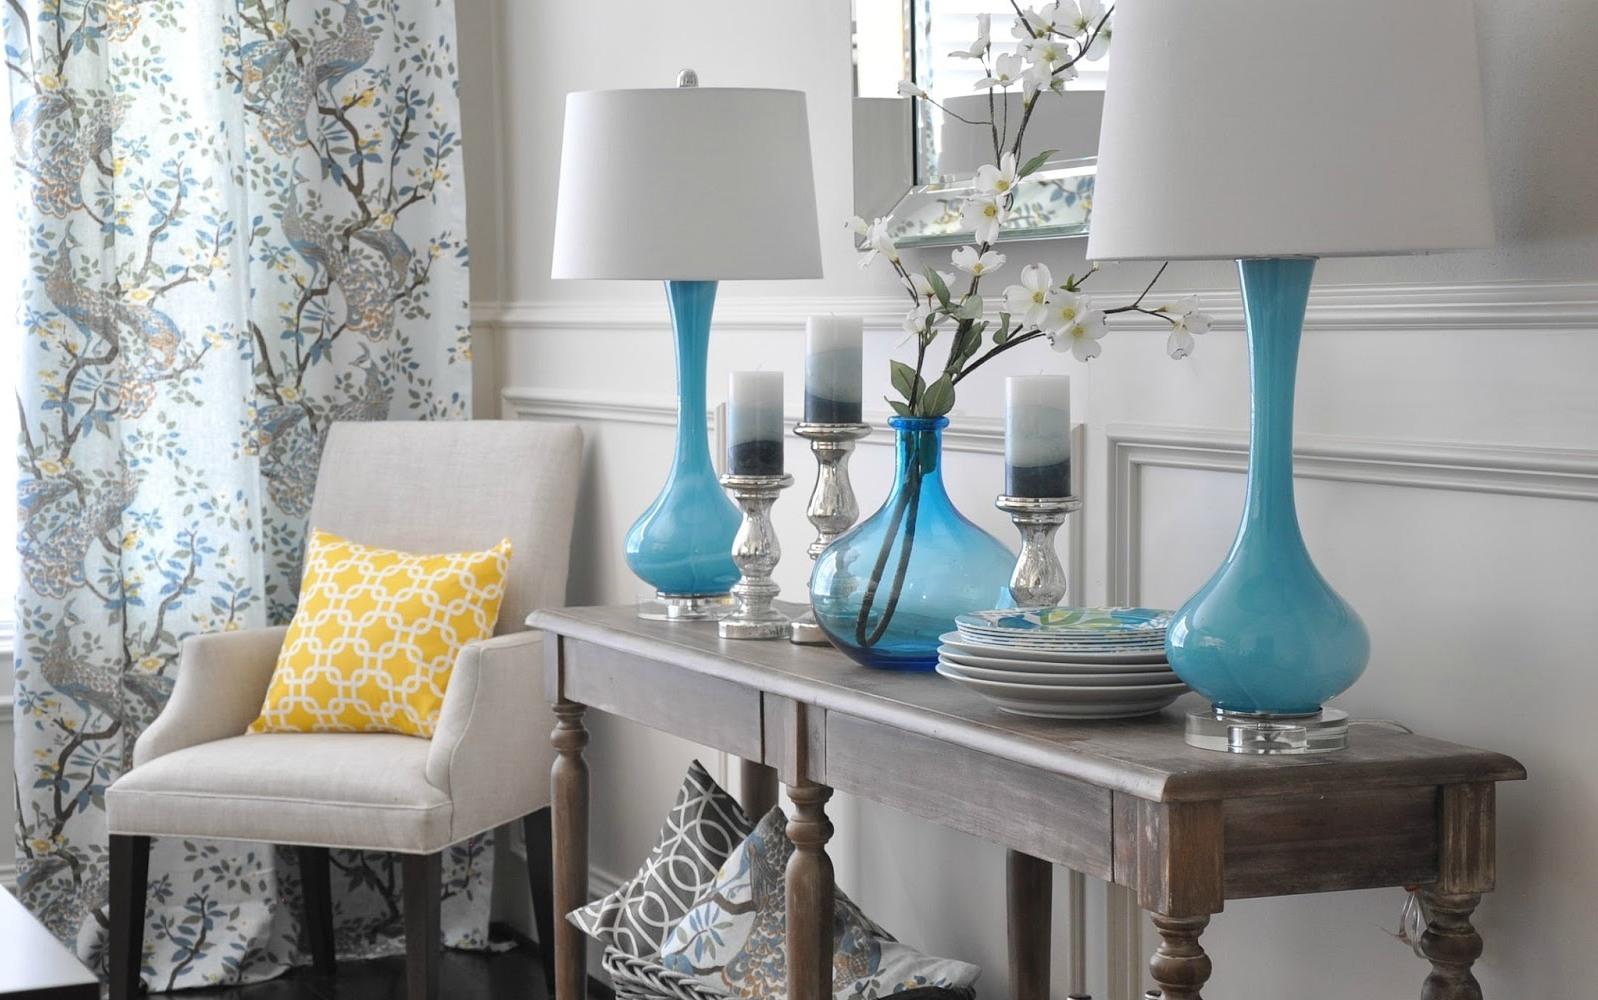 Настольные бирюзовые торшеры с белыми абажурами на деревянном столике с фигурными ножками